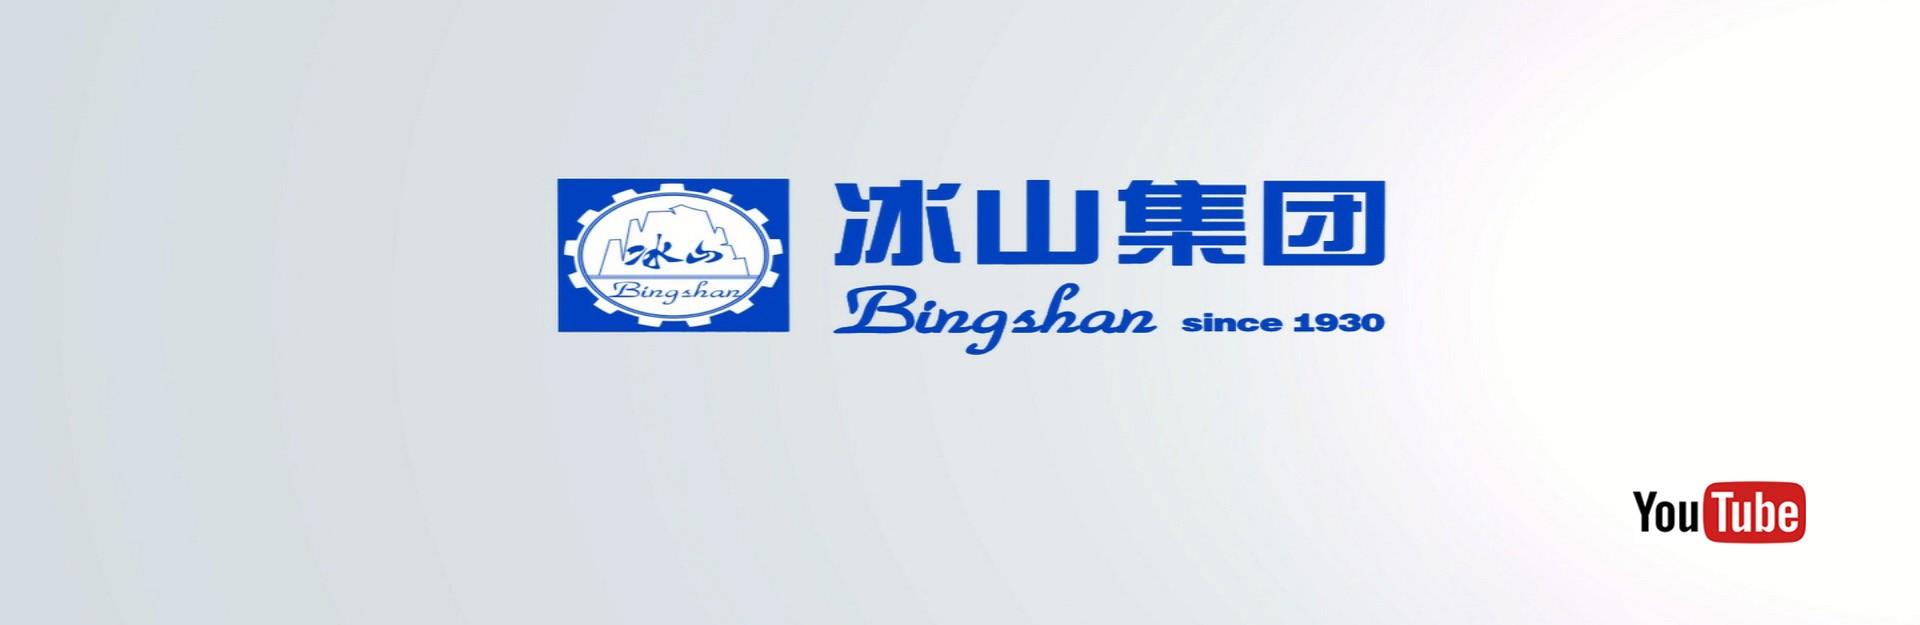 China BINGSHAN For YOUTUBE